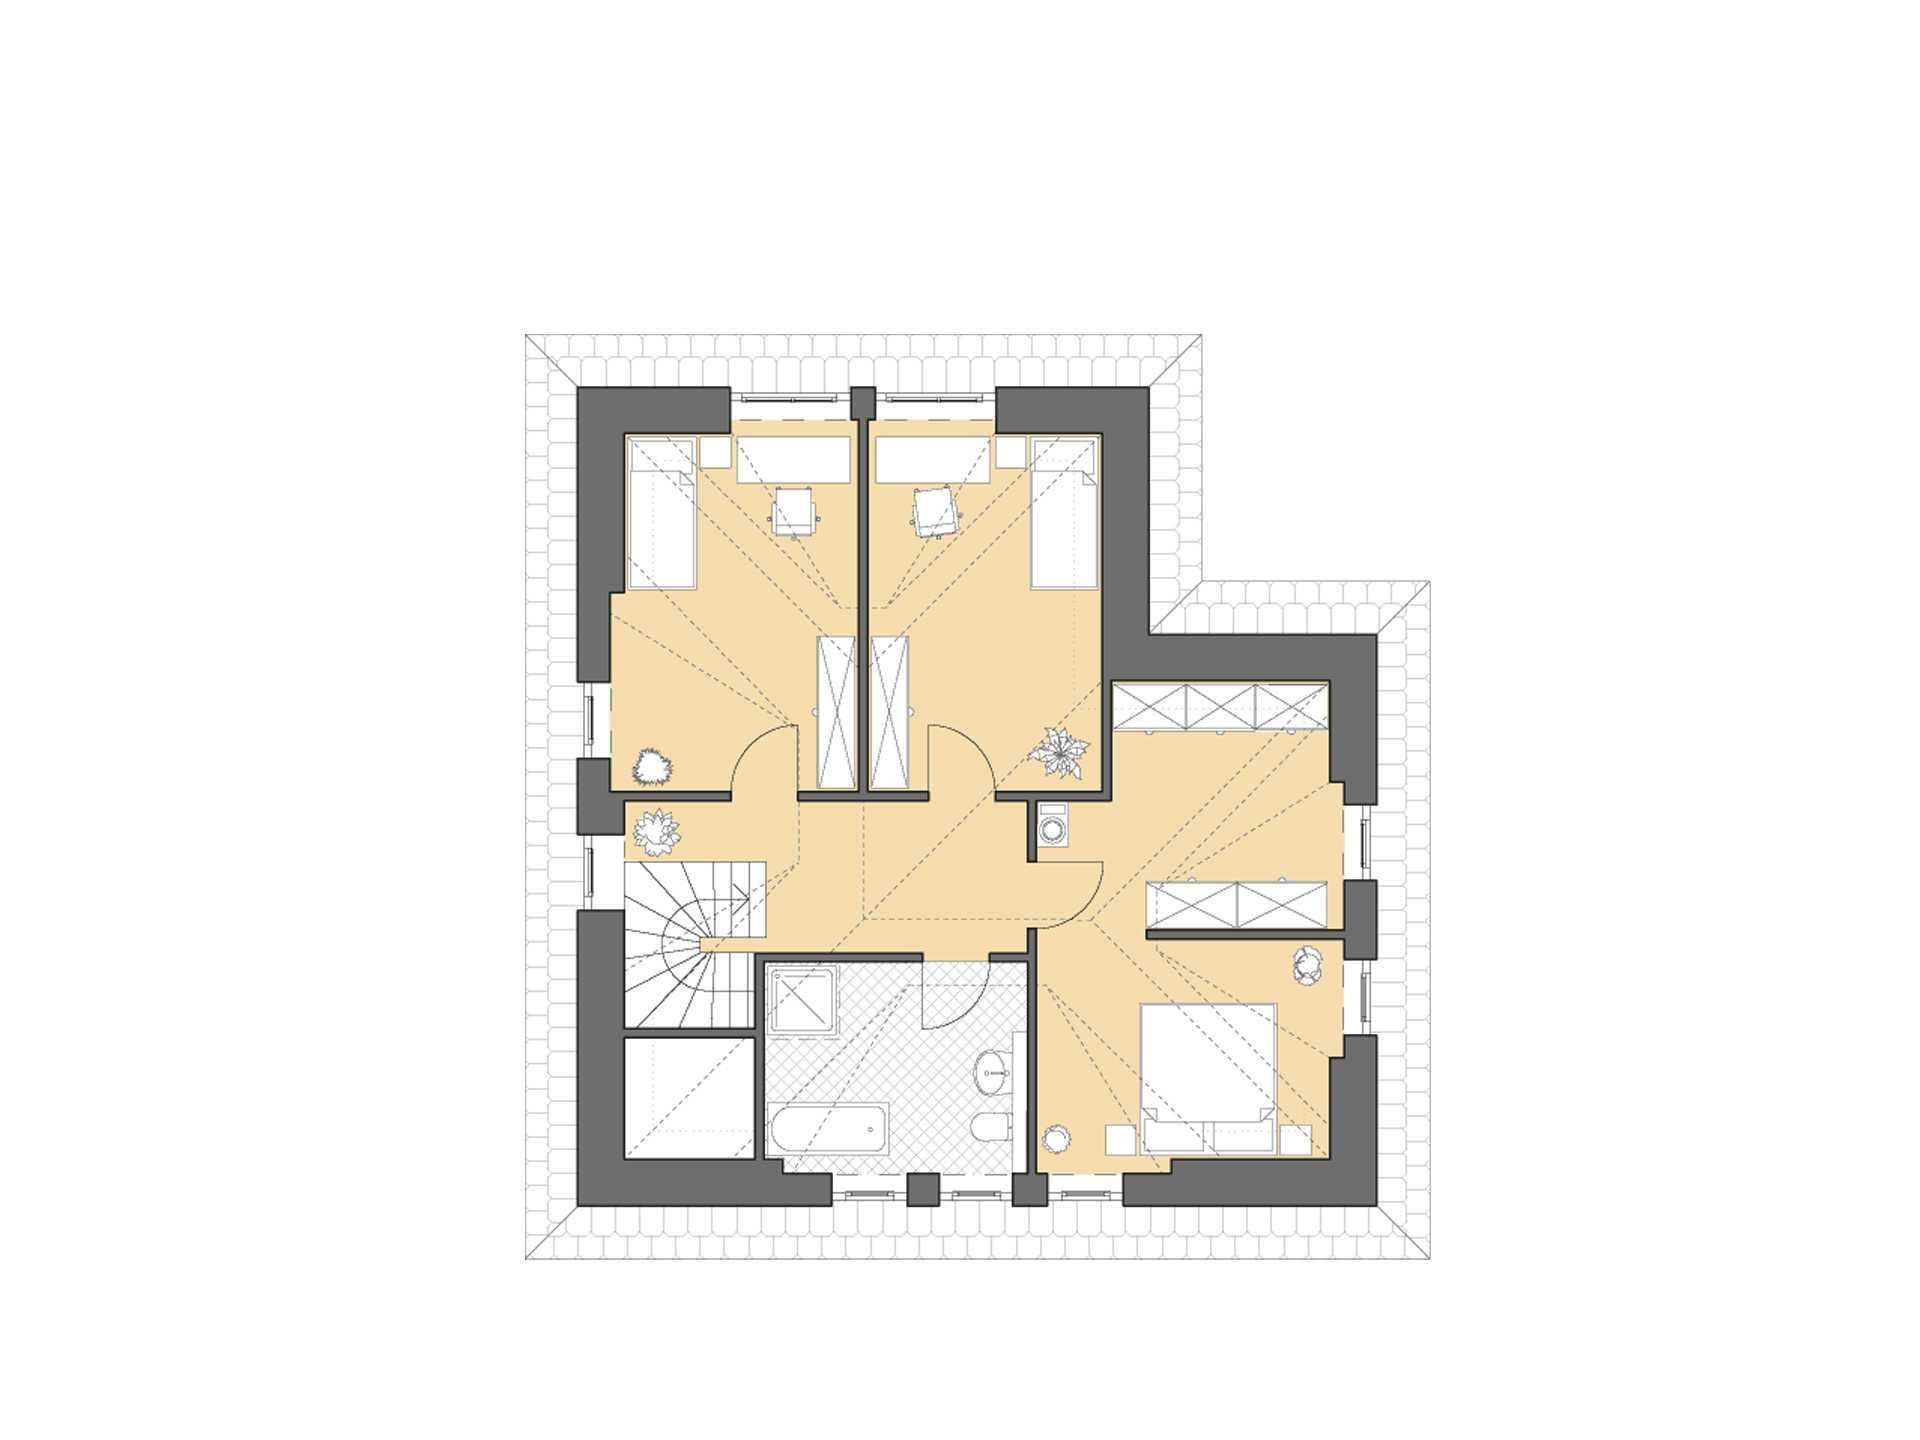 Haus Rügen Grundriss Dachgeschoss